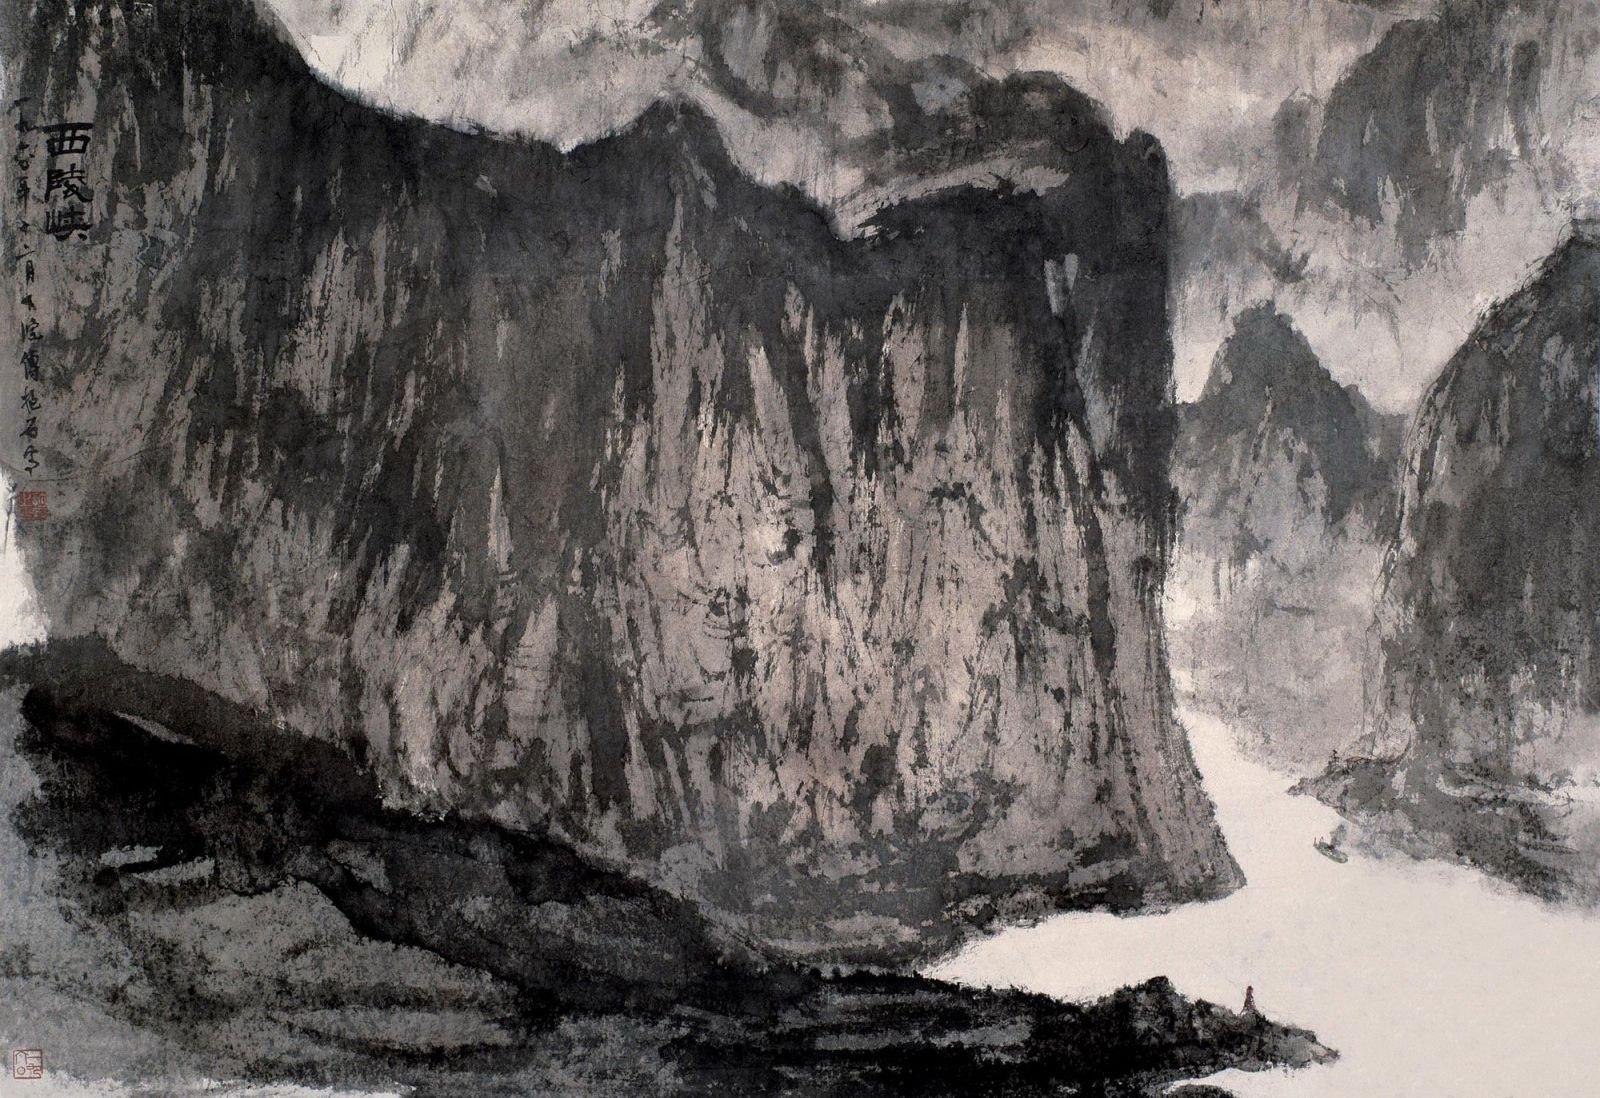 傅抱石山水画代表作_西陵峡|傅抱石|历代名作欣赏|北京市问古斋书画社